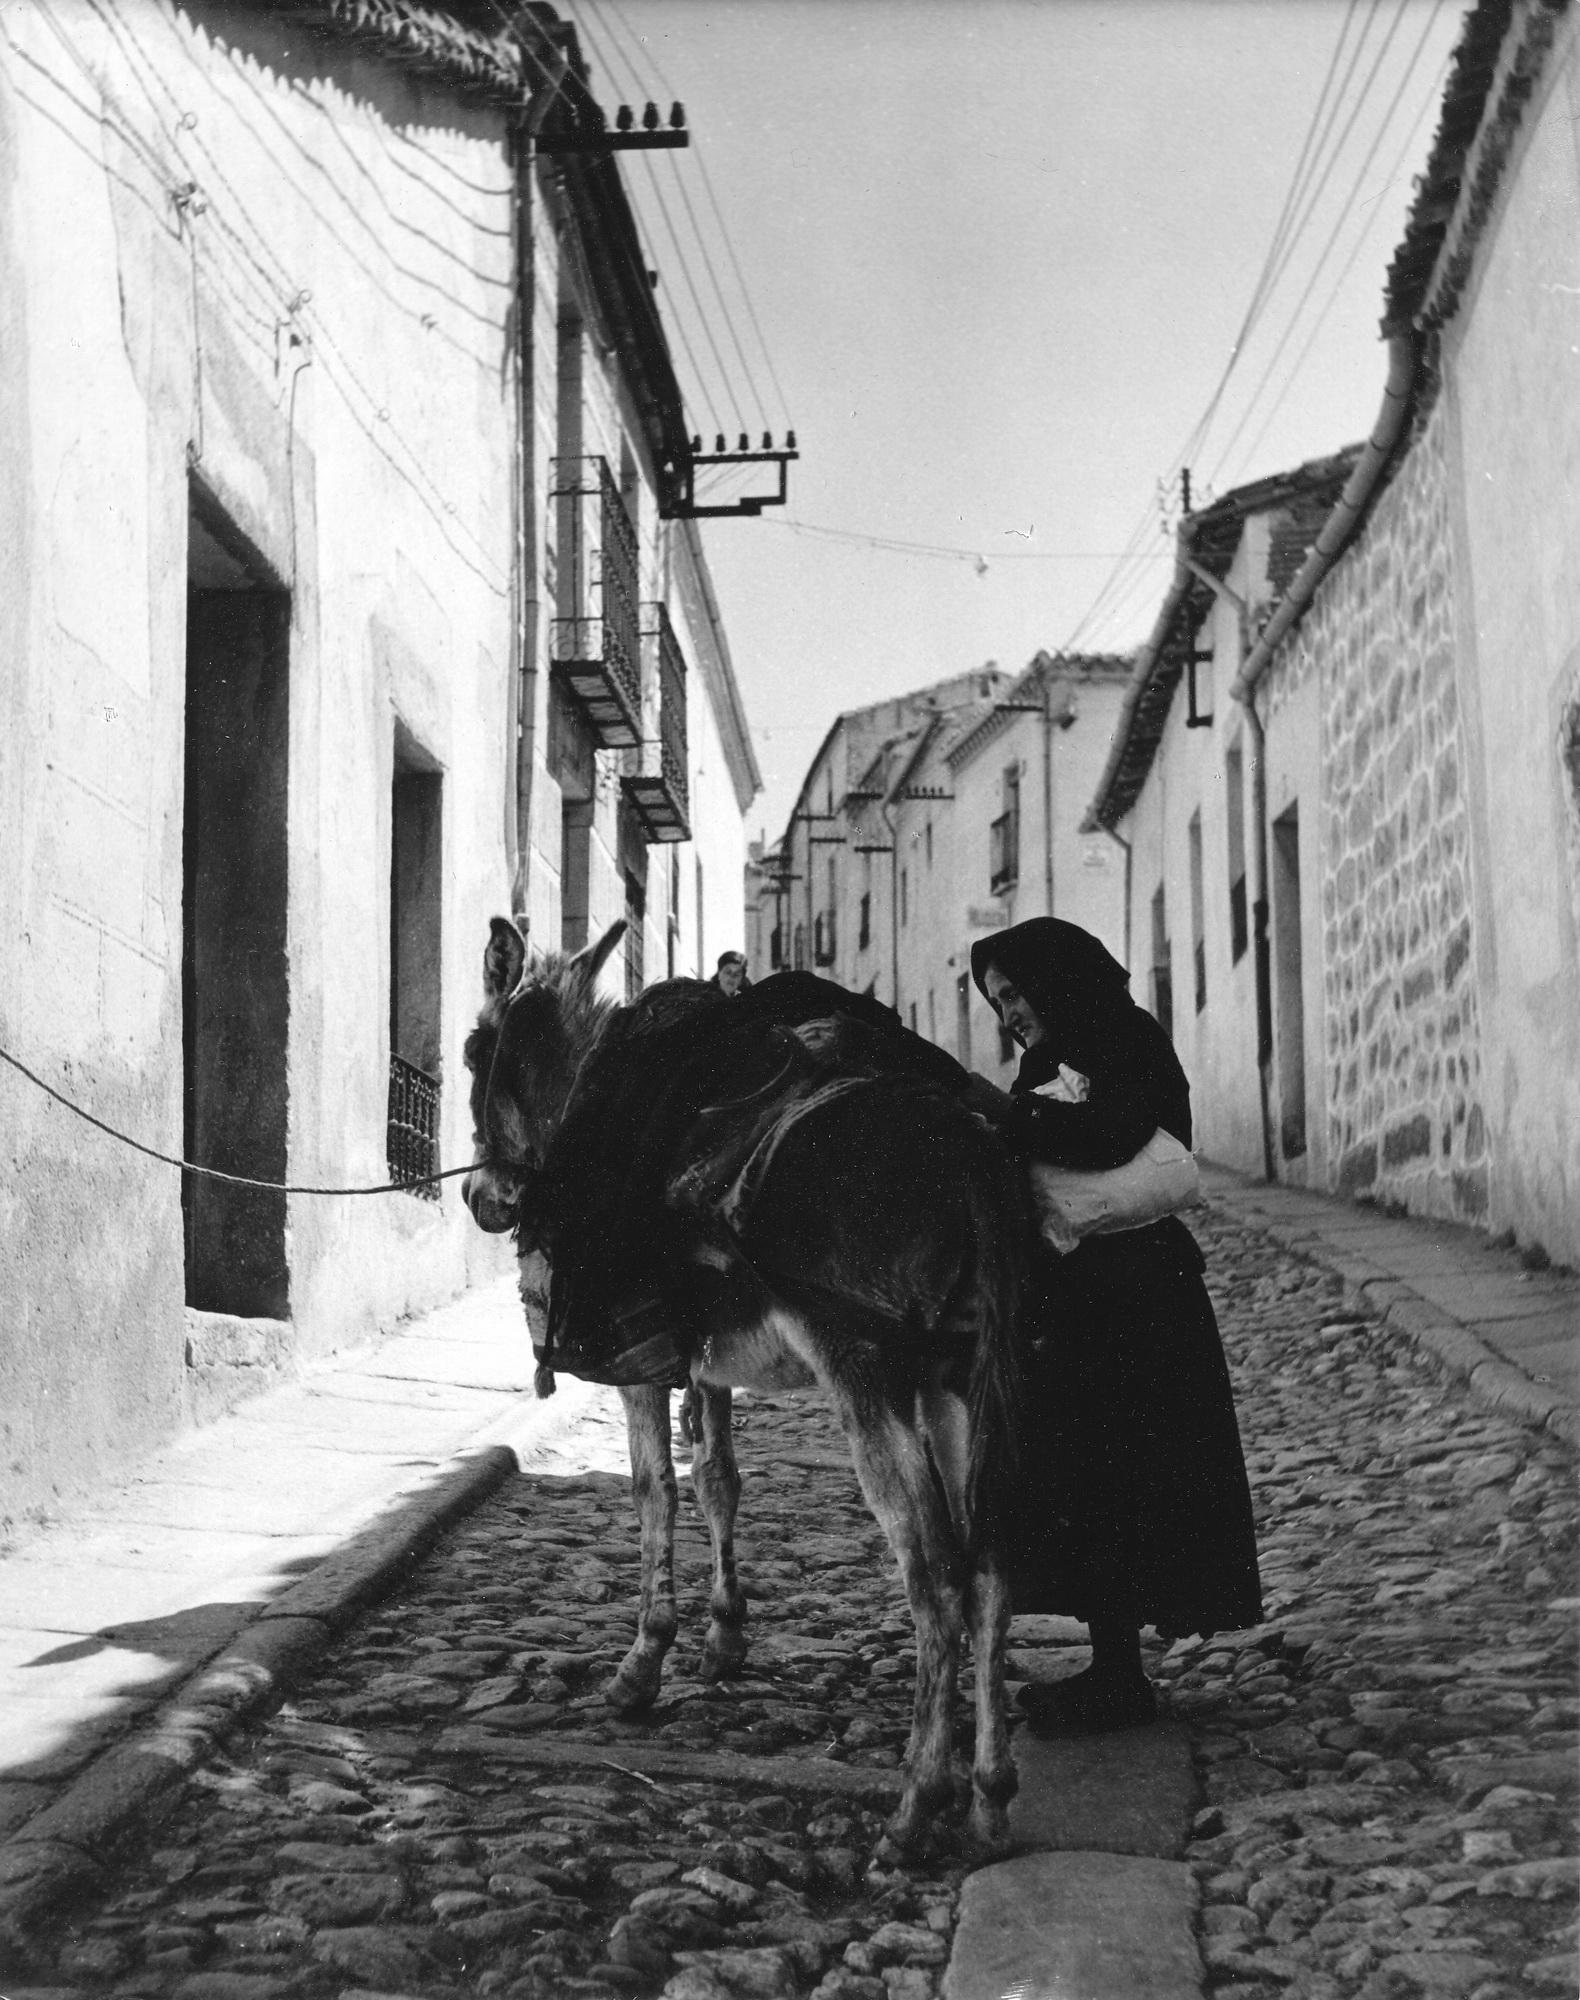 Donkey & Woman-Avila-Spain.jpg